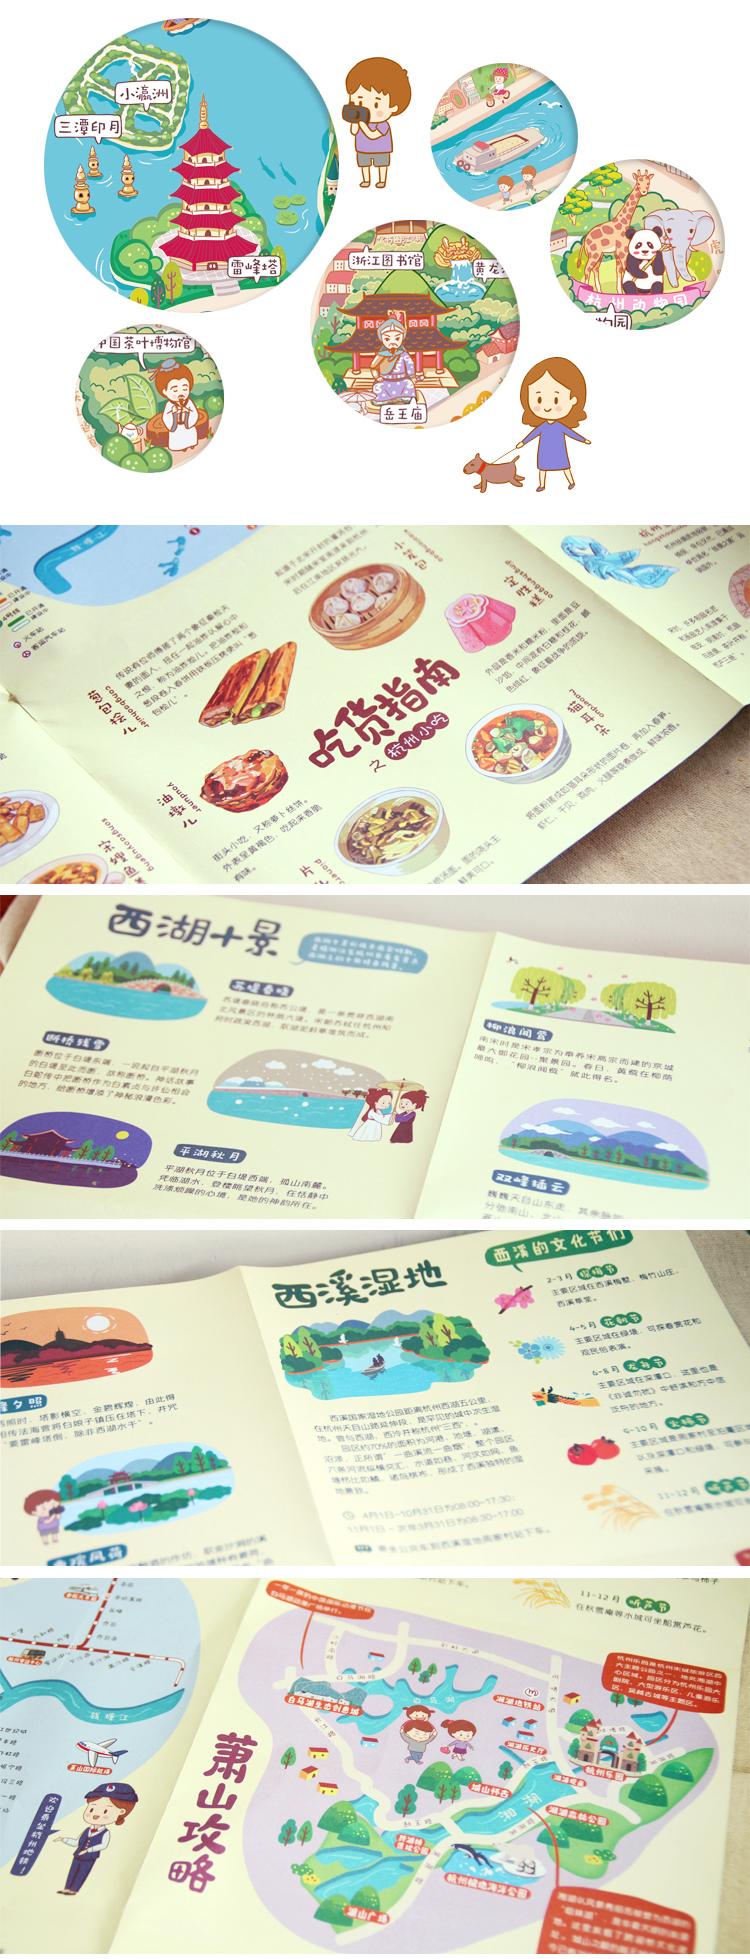 q版卡通杭州手绘旅游攻略地图